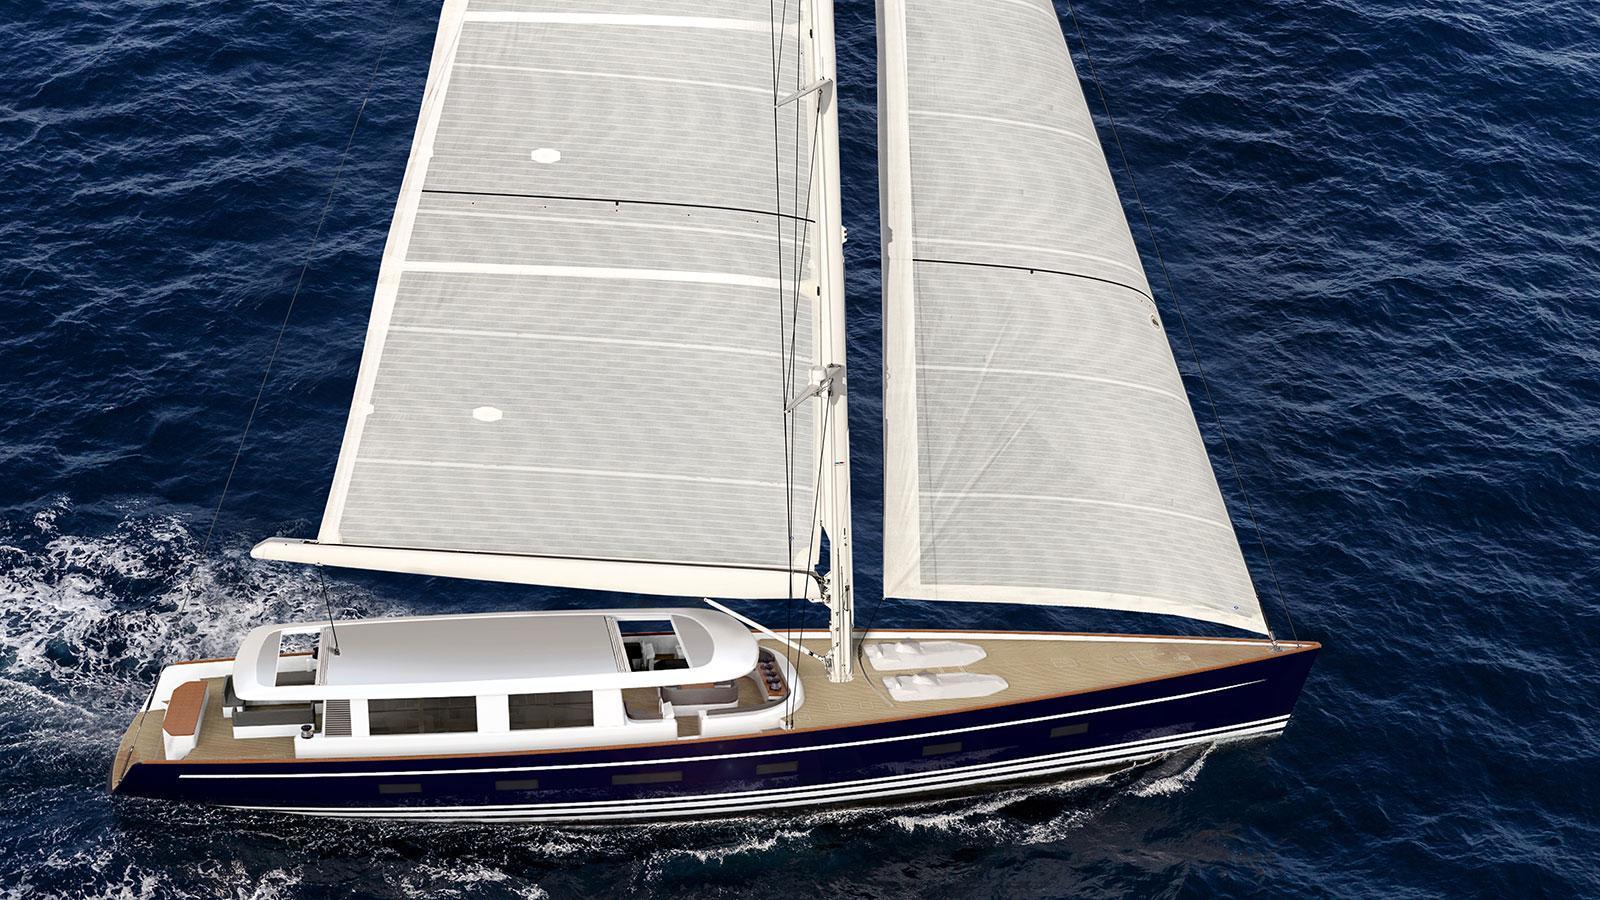 bd-120-sailing-yacht-knierim-2020-37m-rendering-aerial